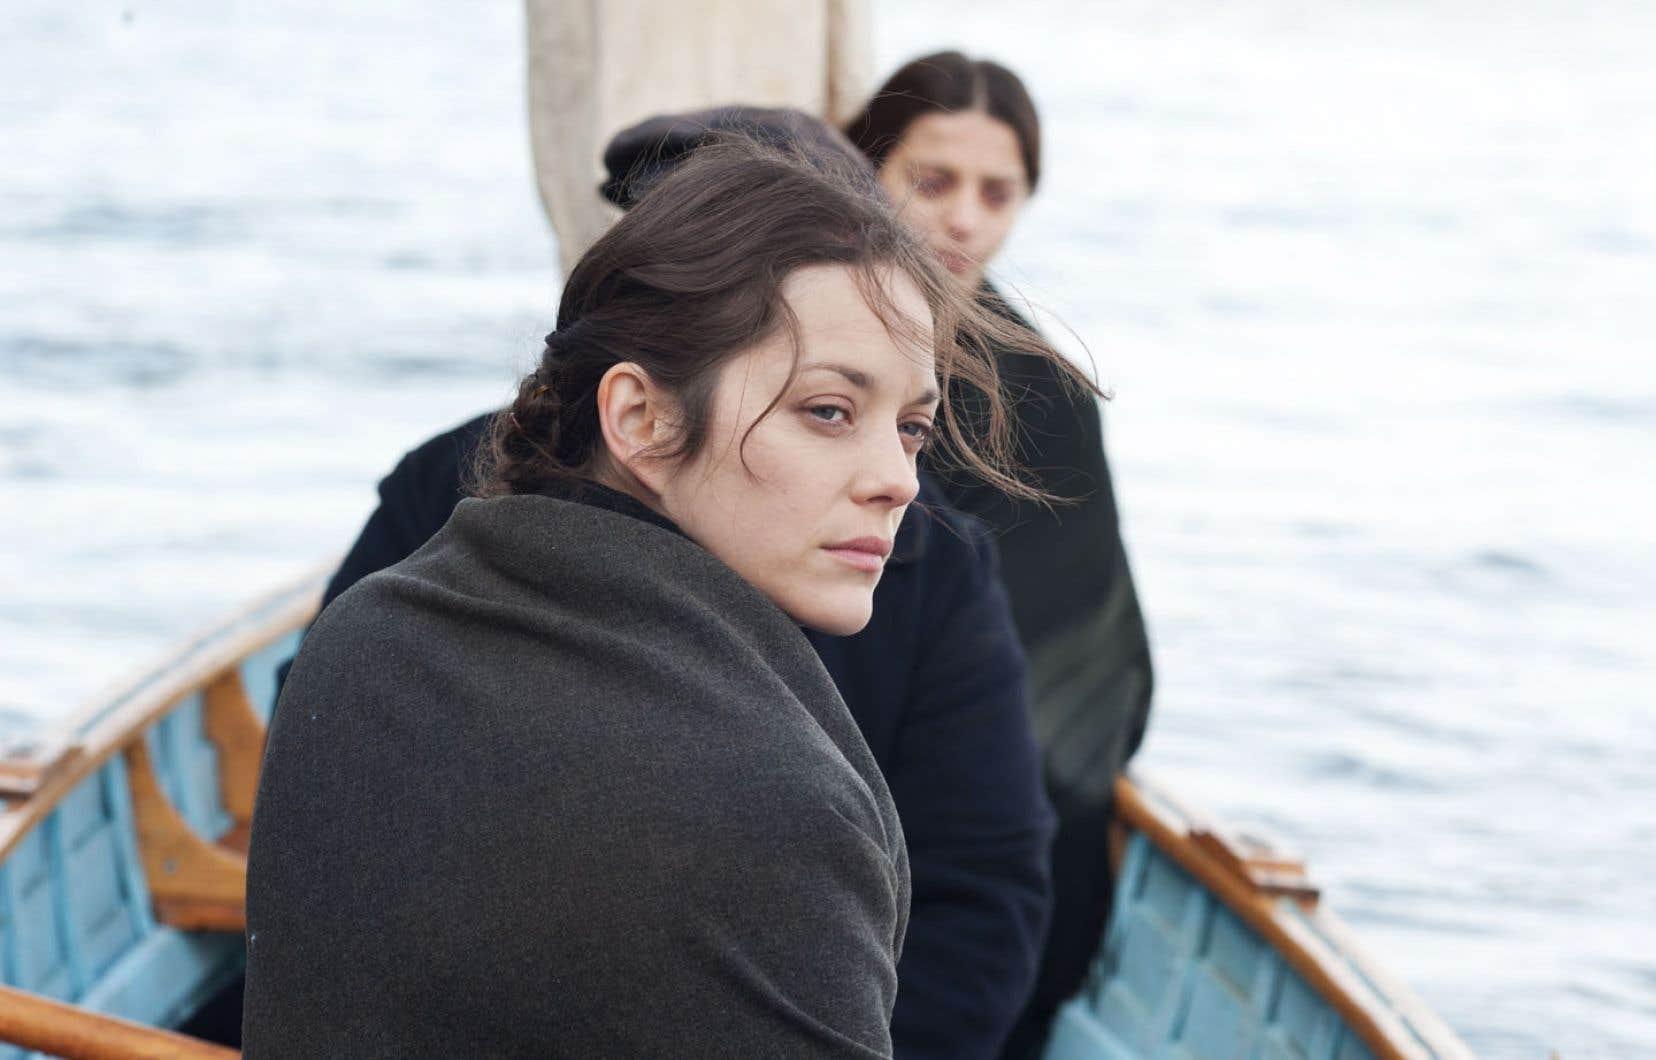 Le destin d'Ewa, interprétée avec passion et charisme par Marion Cotillard, n'a malheureusement pas le temps de se déployer.